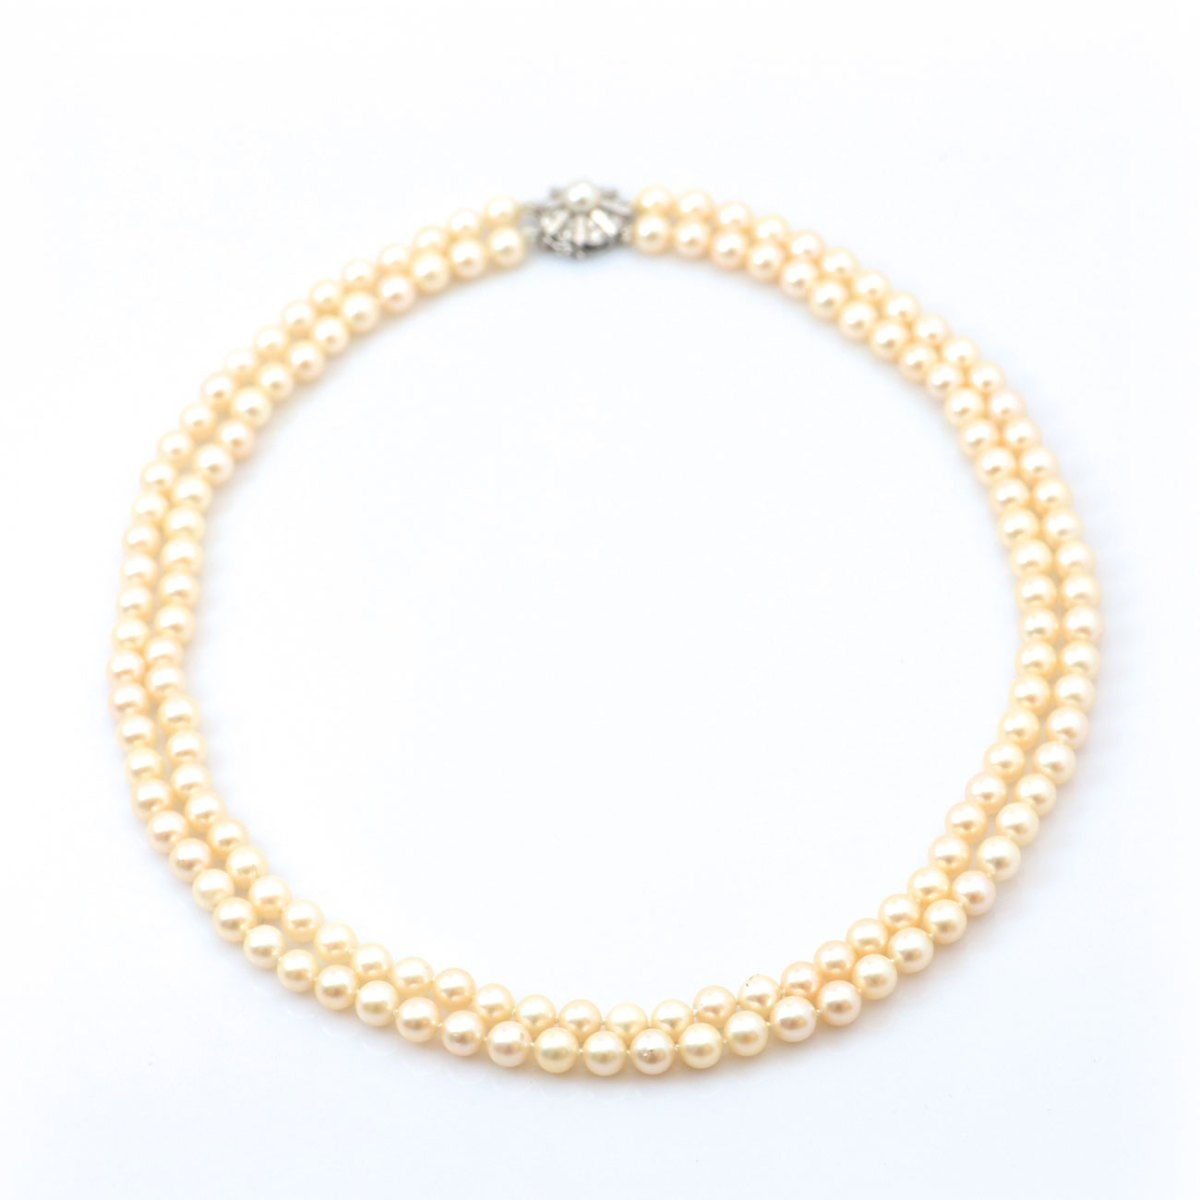 Collier de perles de culture 2 rangées, fermoir or blanc 750 serti de 16 diamants taille brillant, 0,40 ct | Réf. CO-B18330 | EVENOR Joaillerie • Bijoux neufs et bijoux Vintage